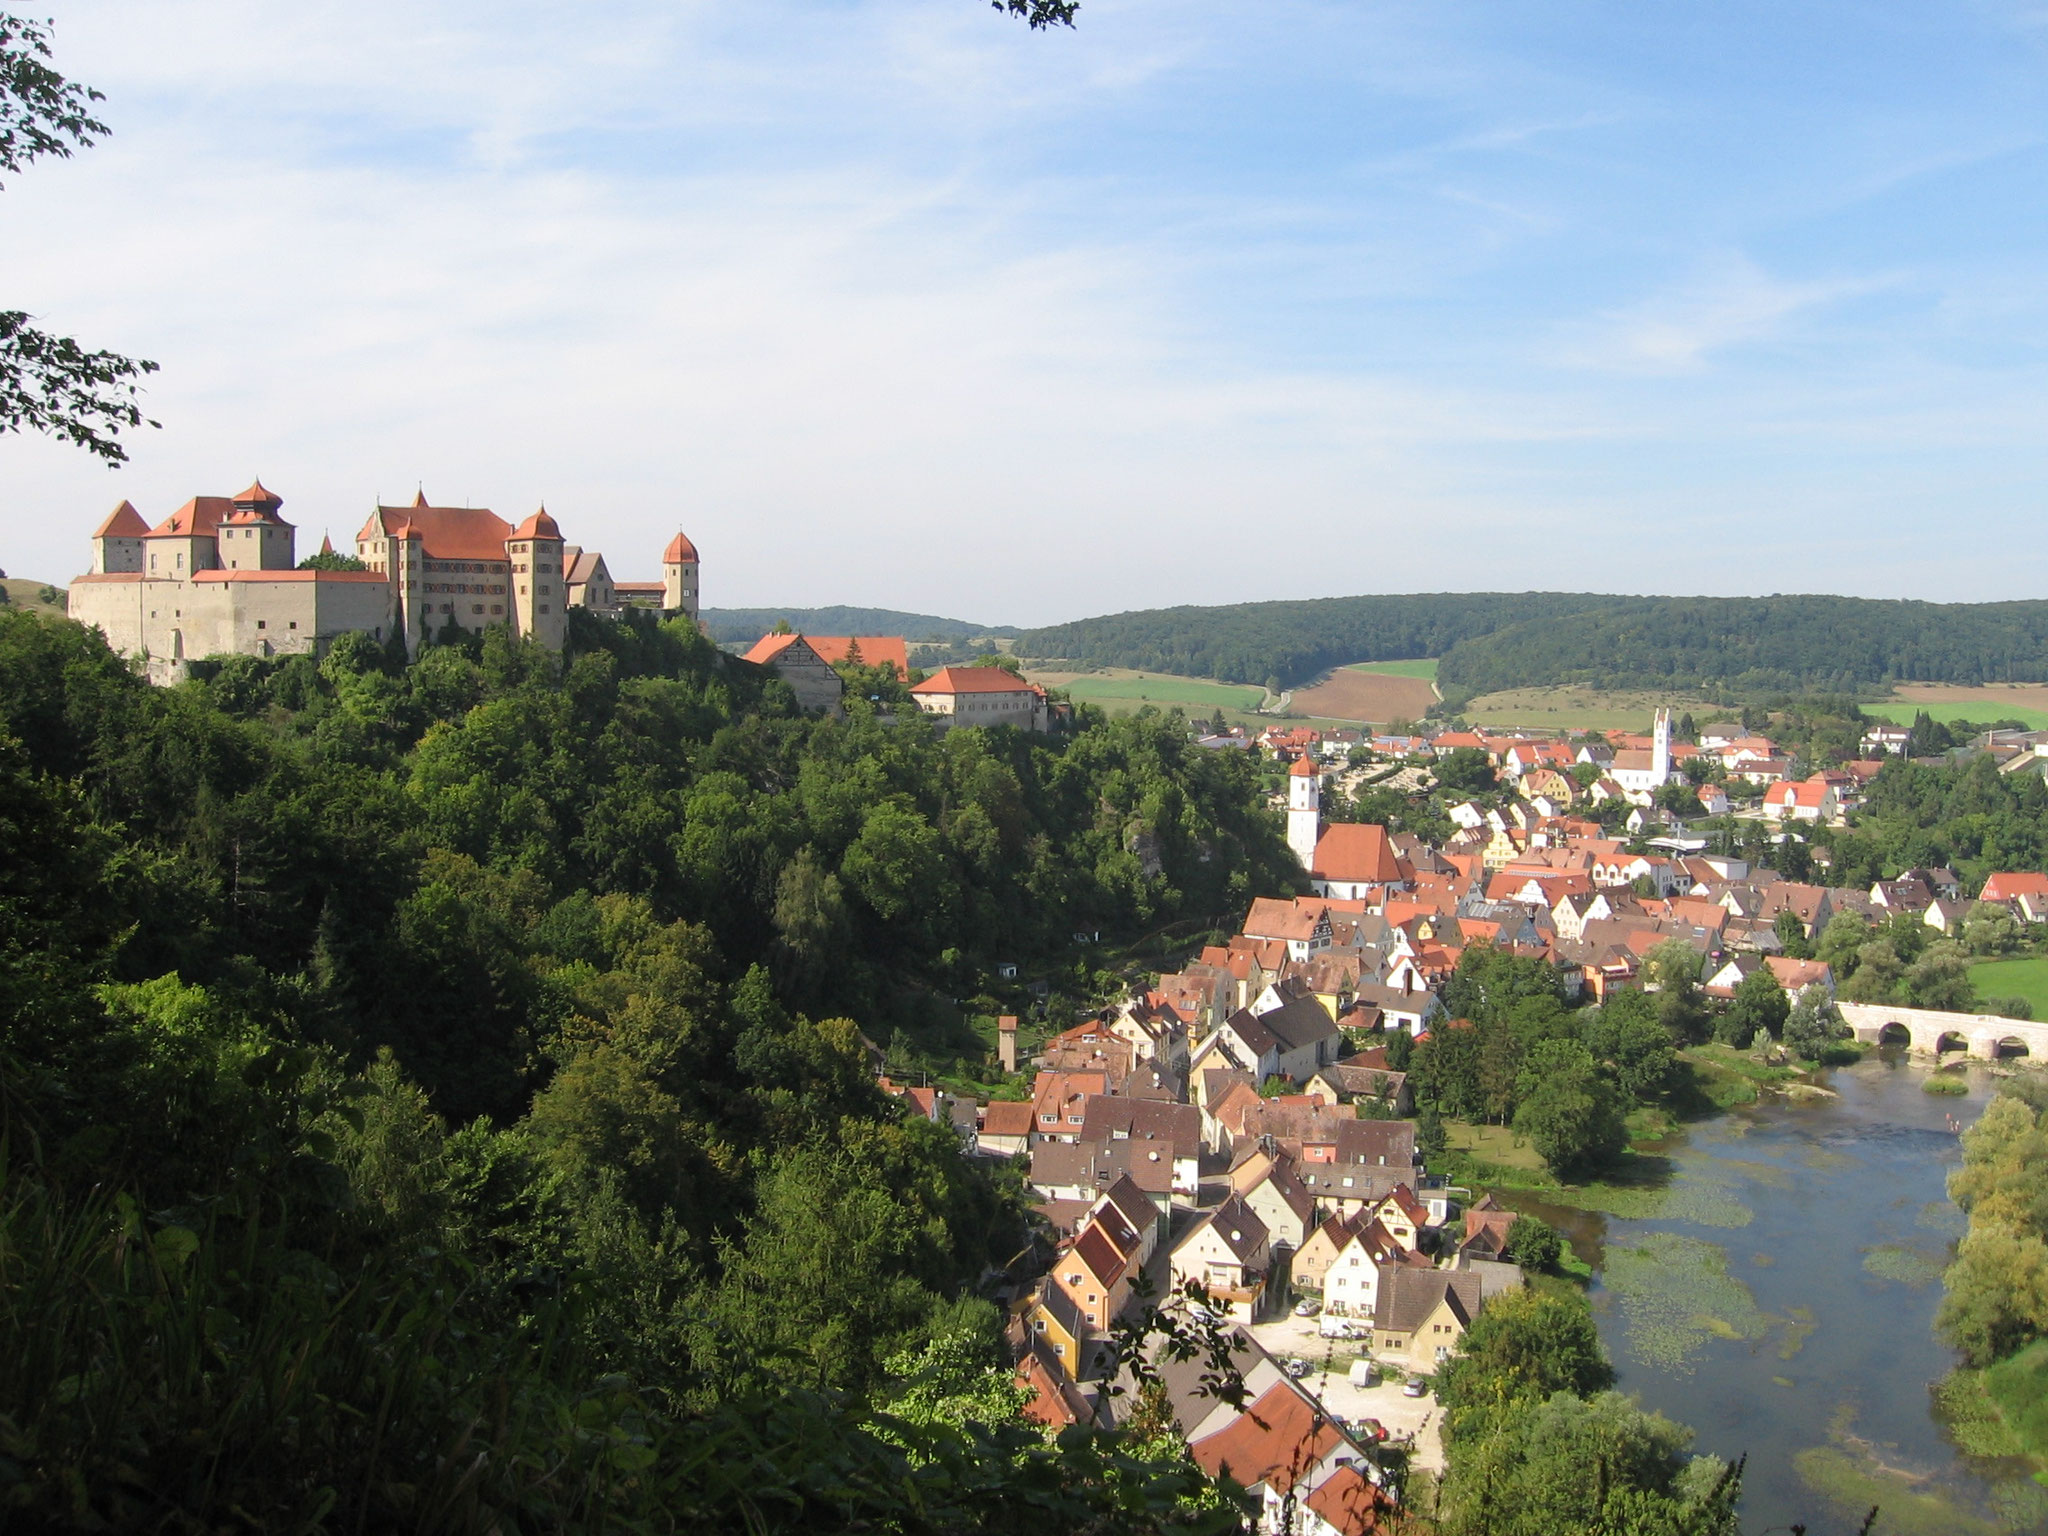 Schloß Harburg